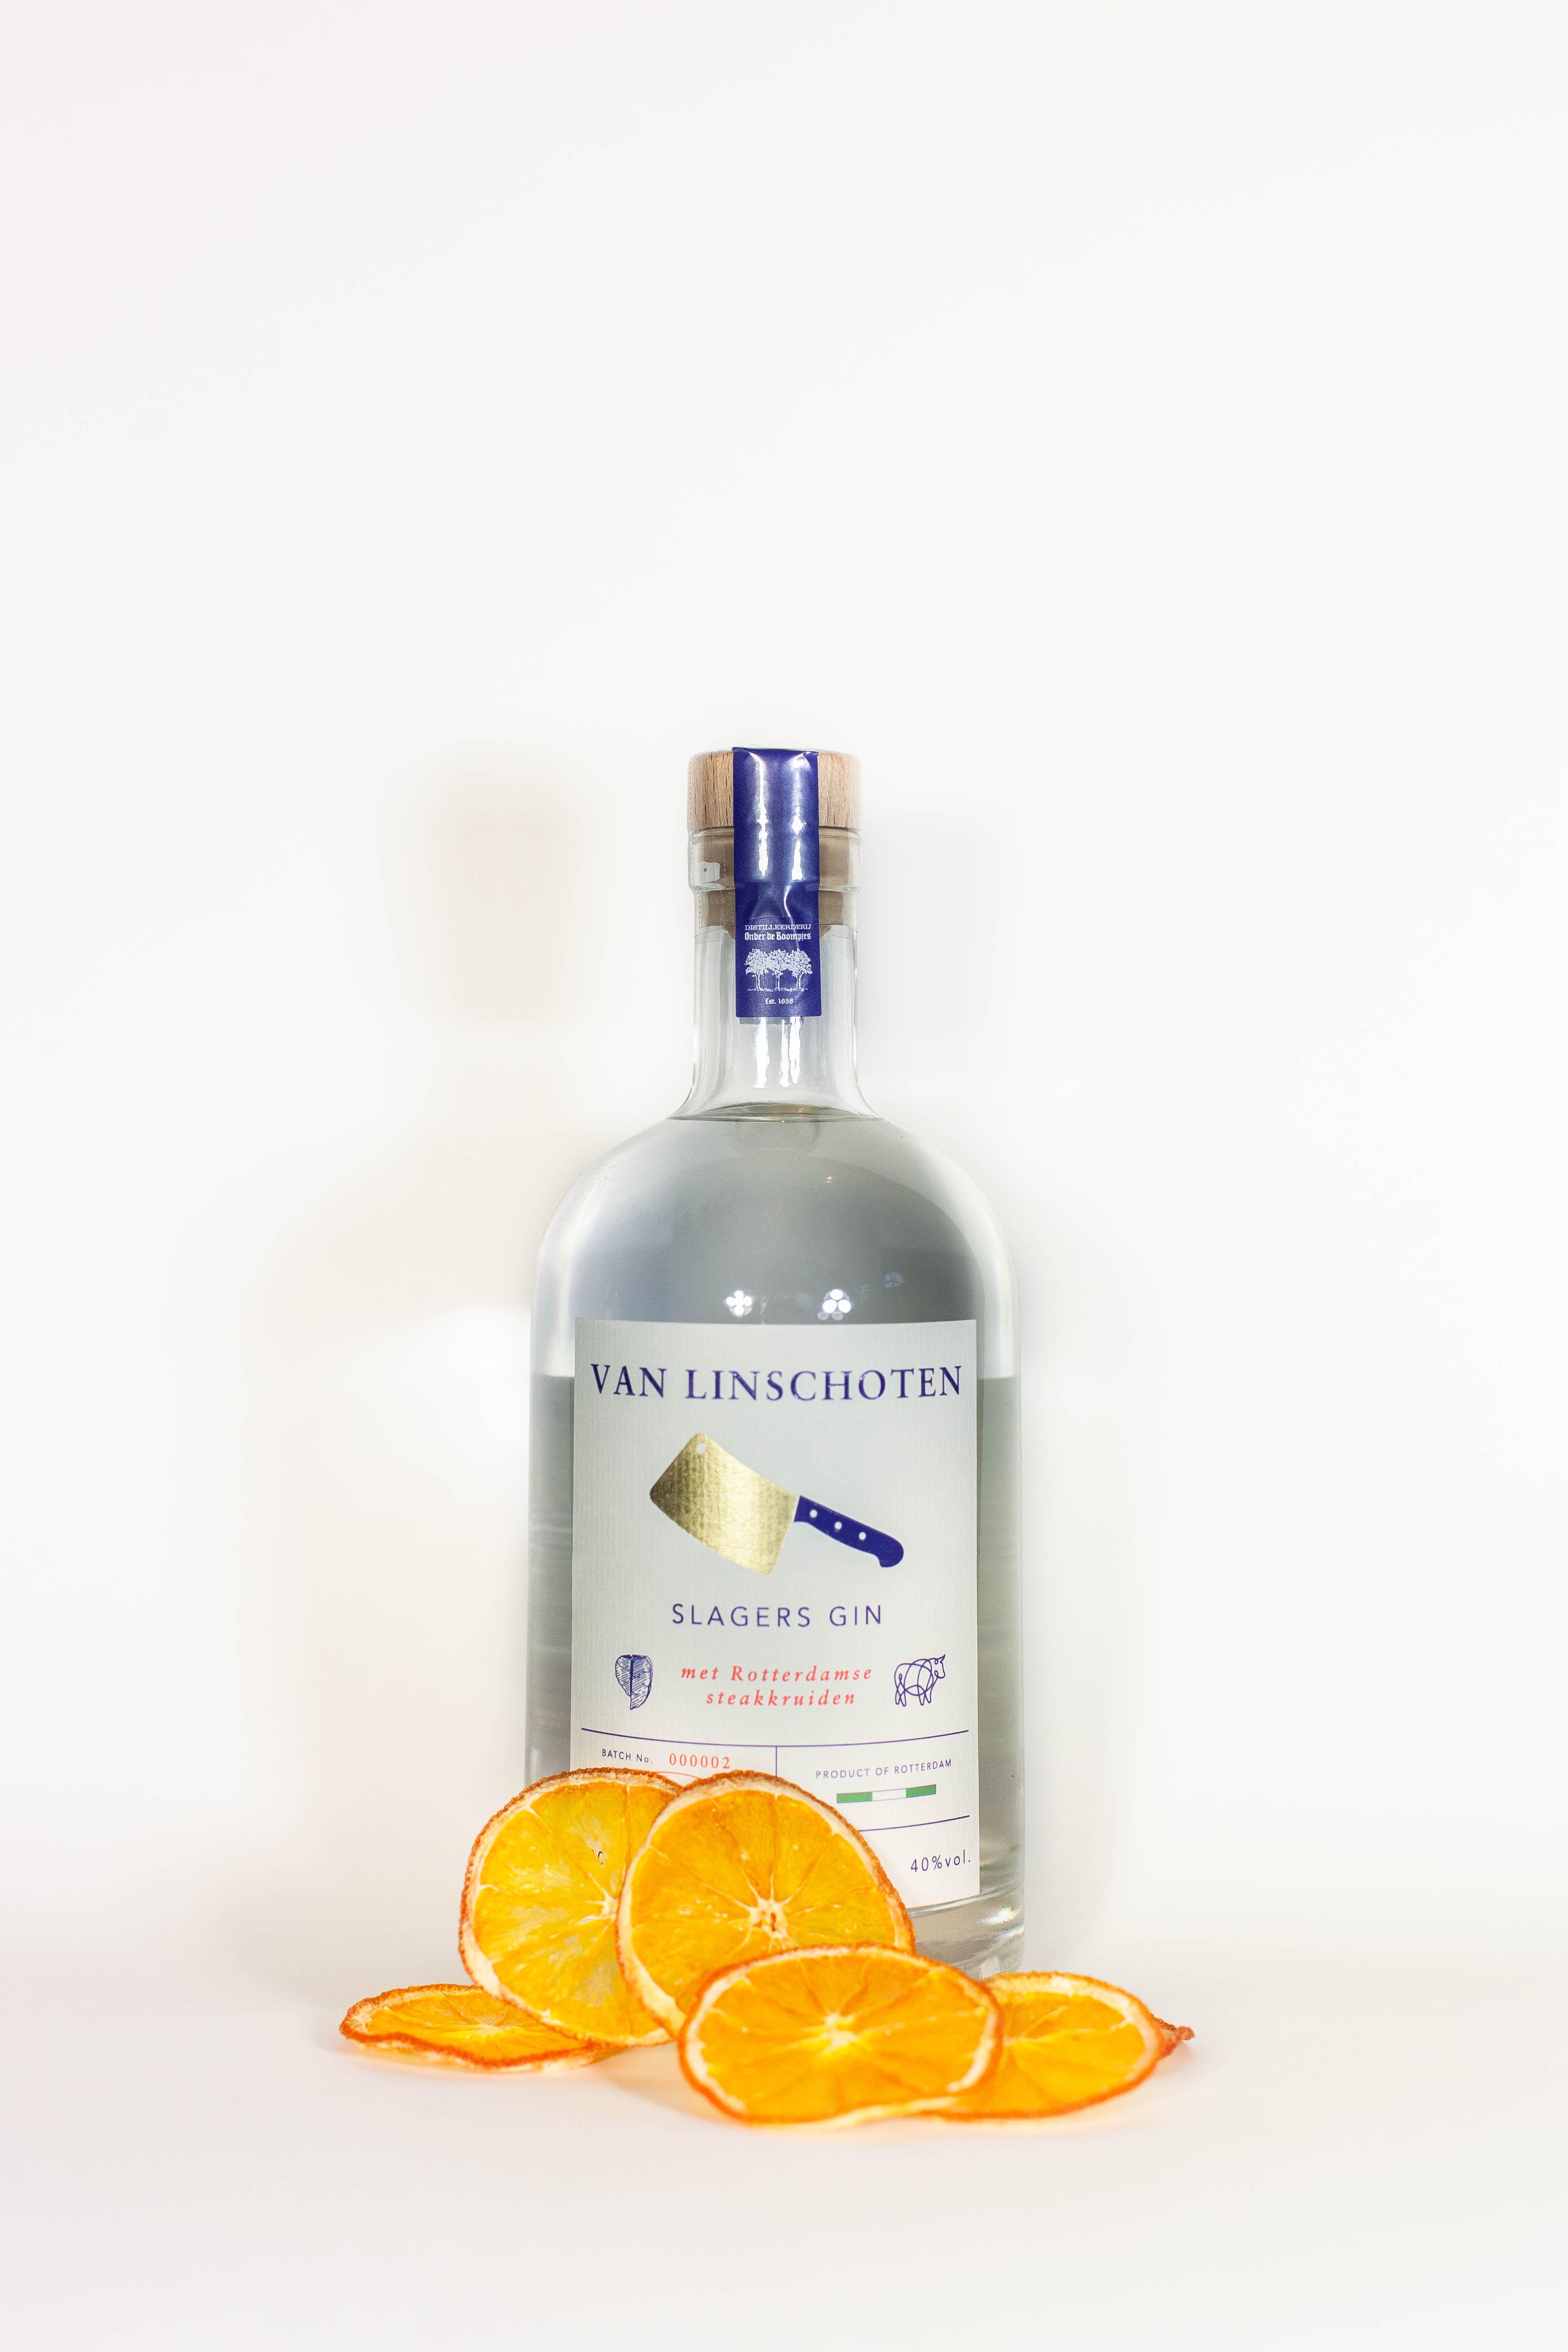 Slagers Gin van Linschoten